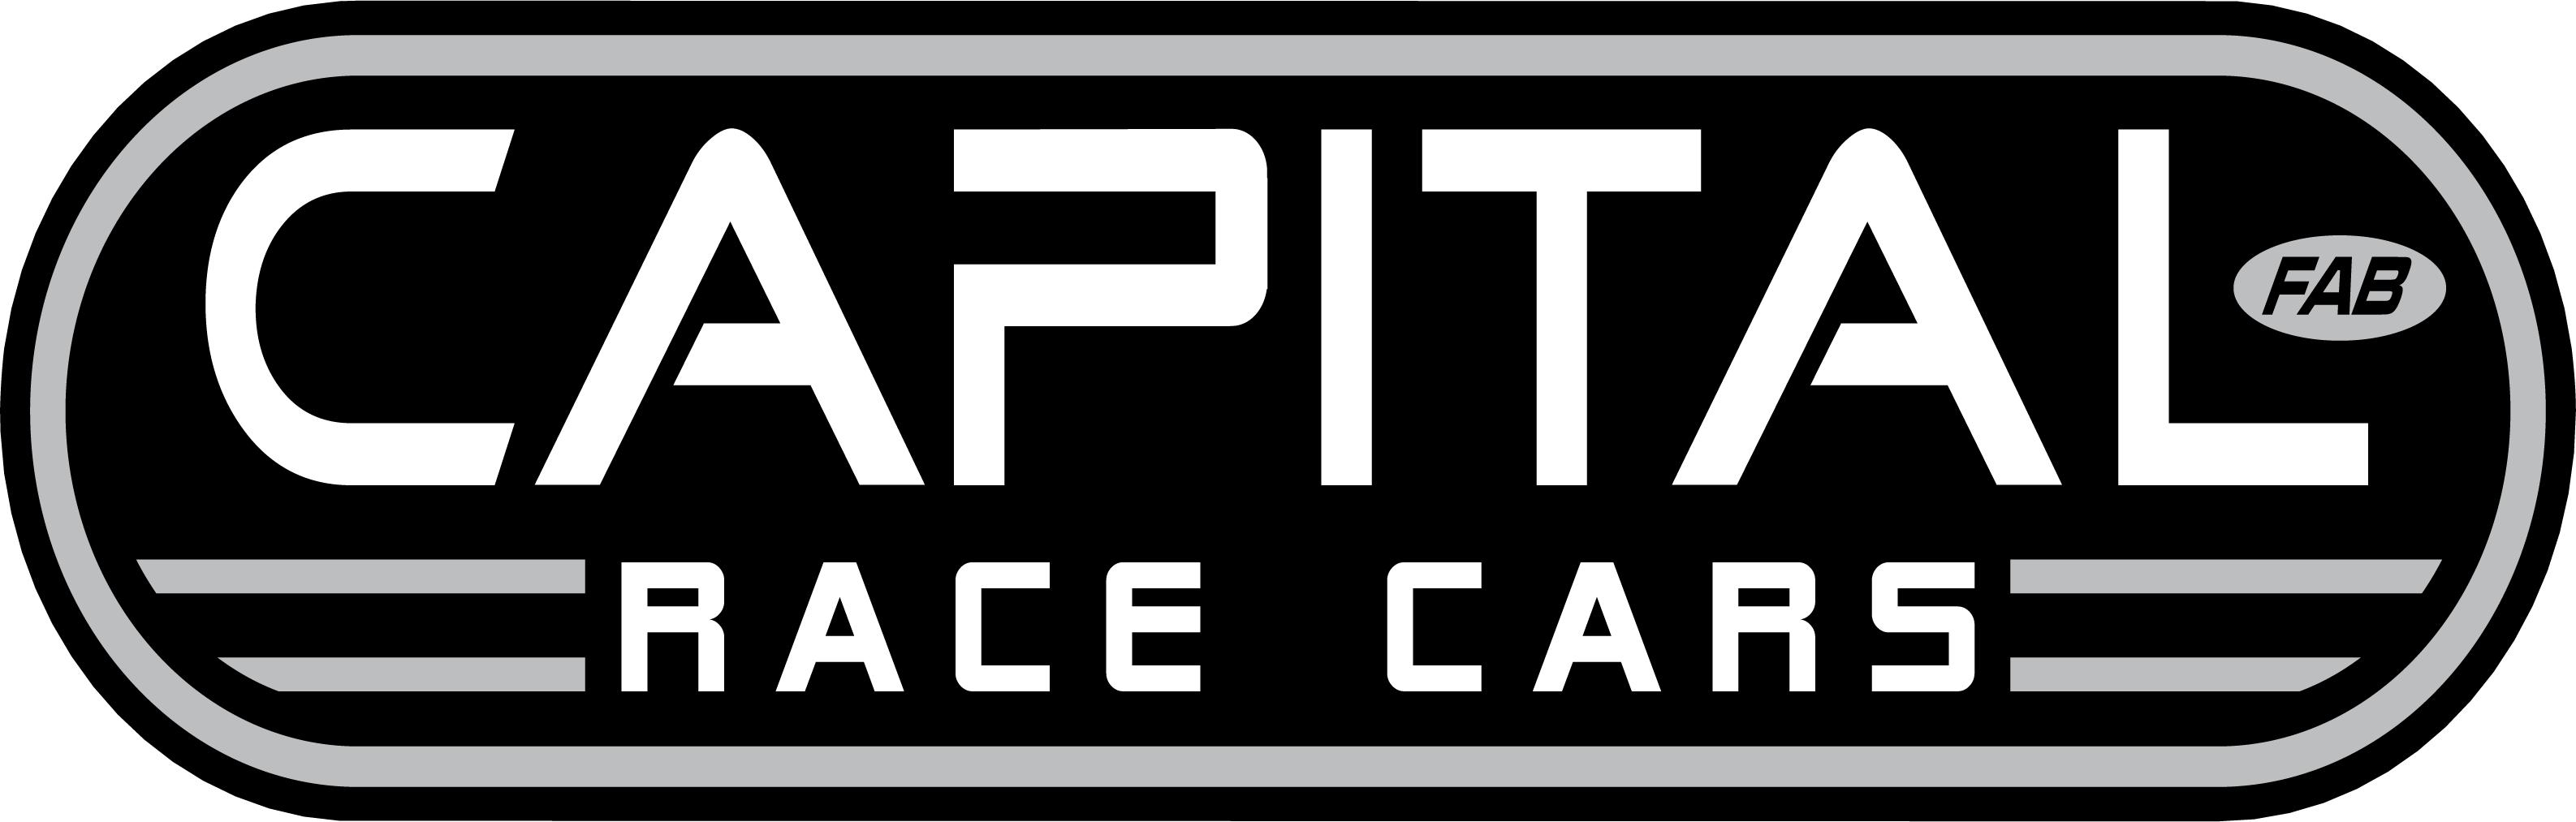 Capital_City_Race_Cars